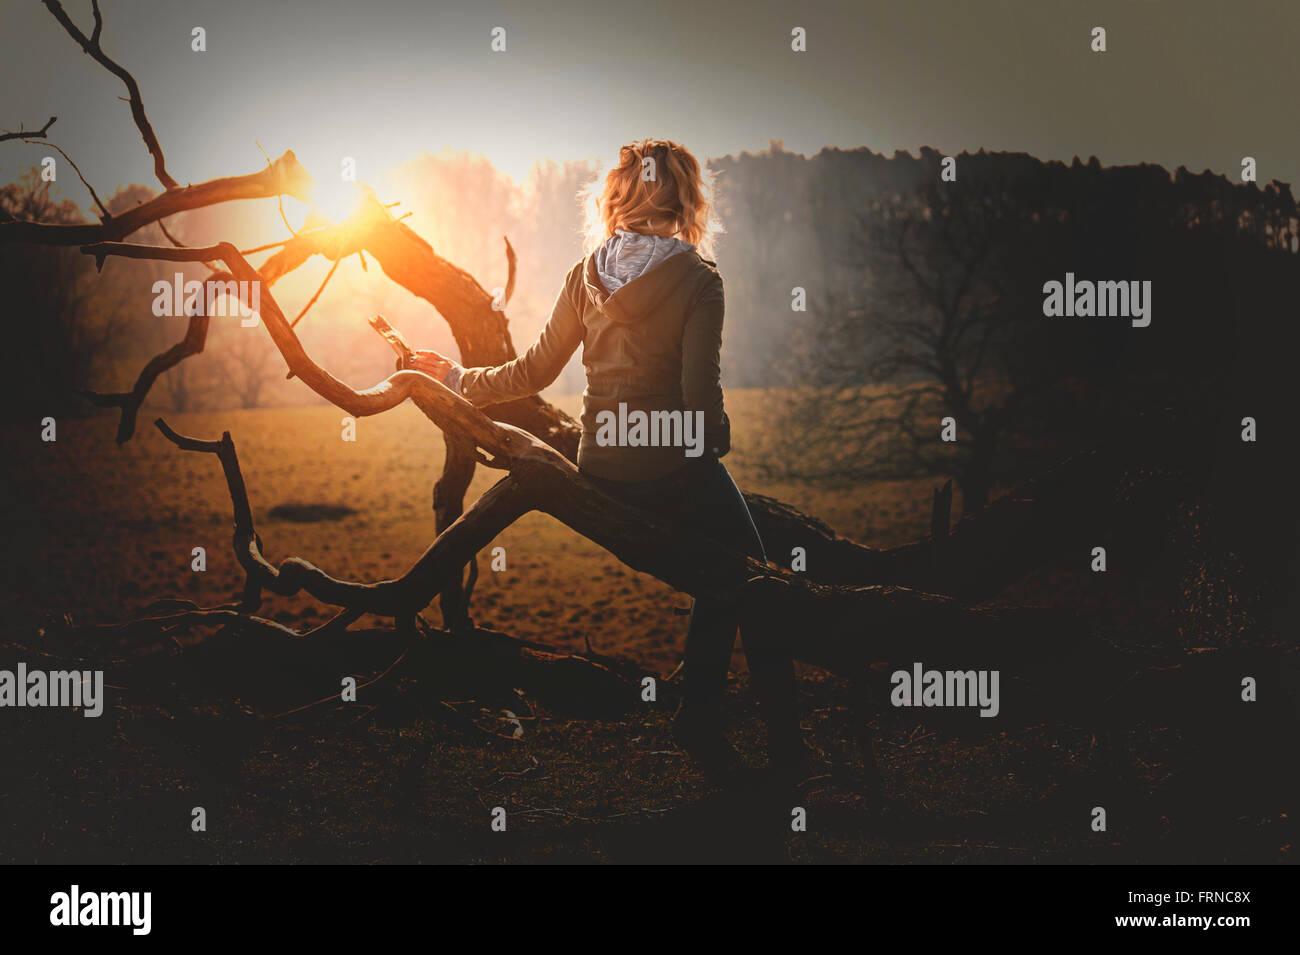 Jeune femme de l'emplacement sur un arbre tombé dans sunset park Banque D'Images